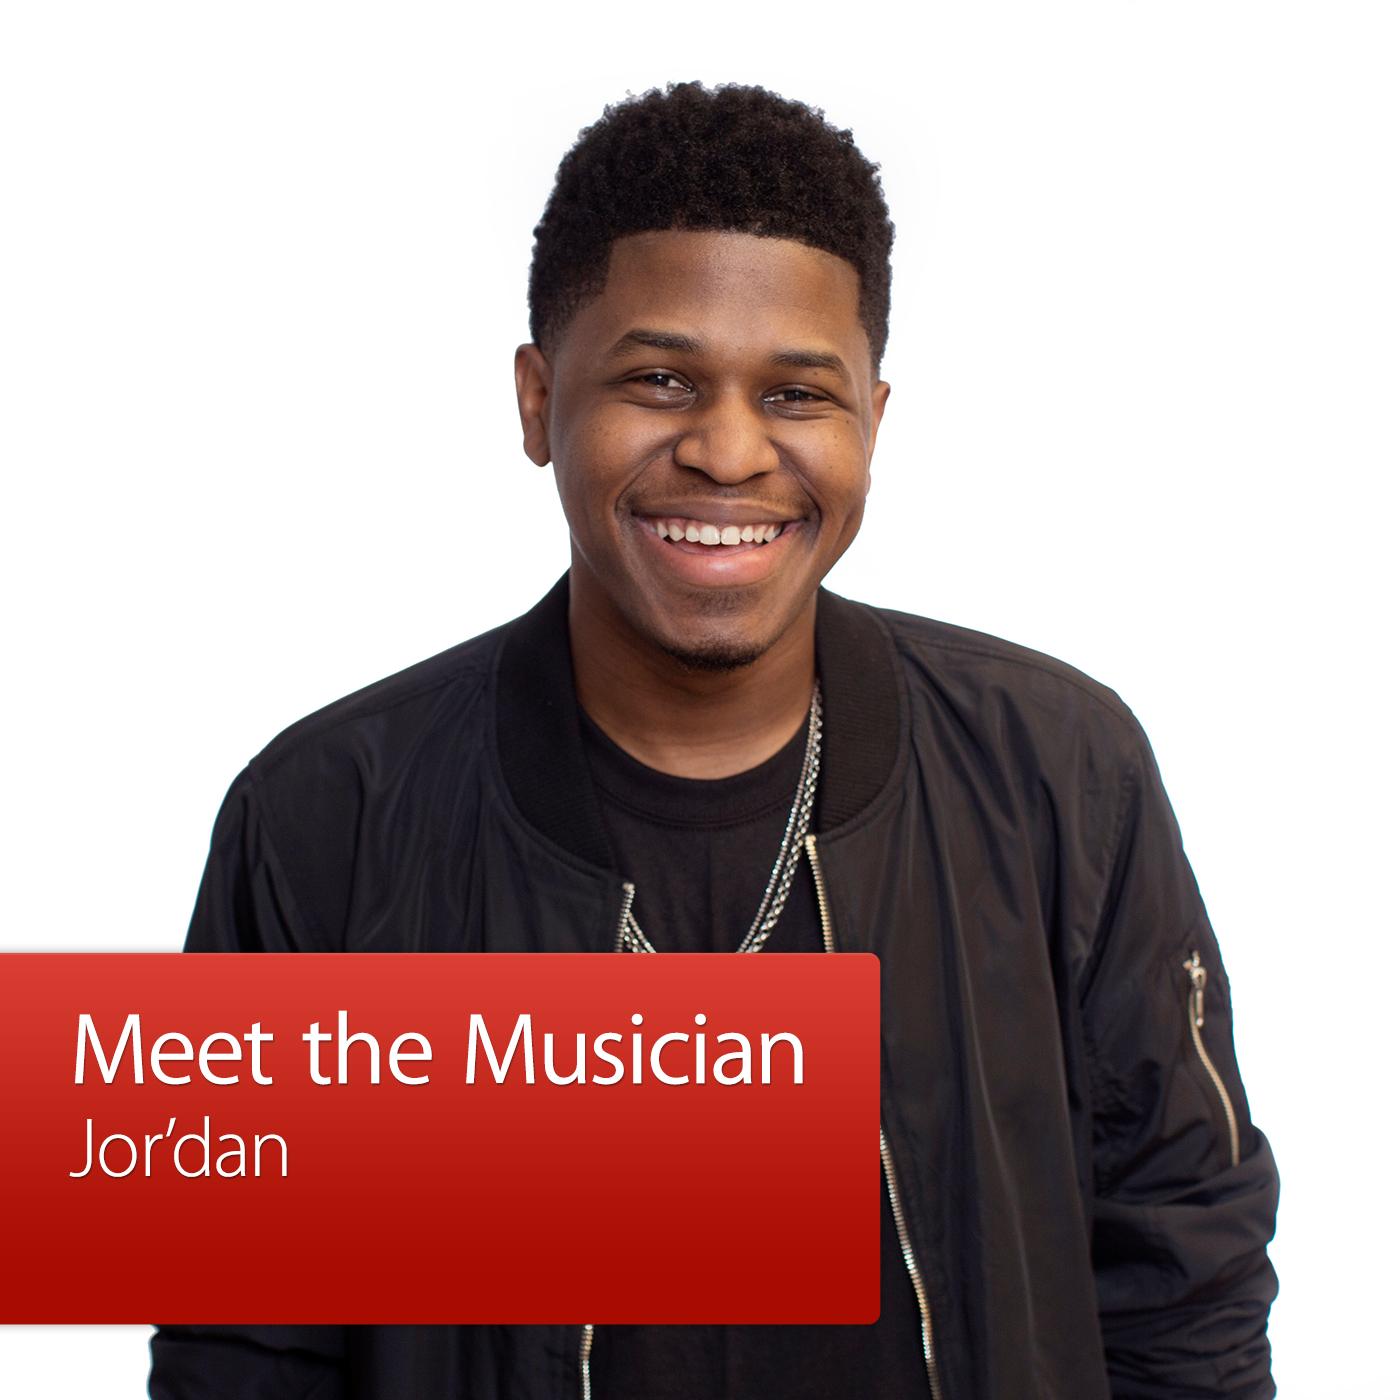 Jor'dan: Meet the Musician